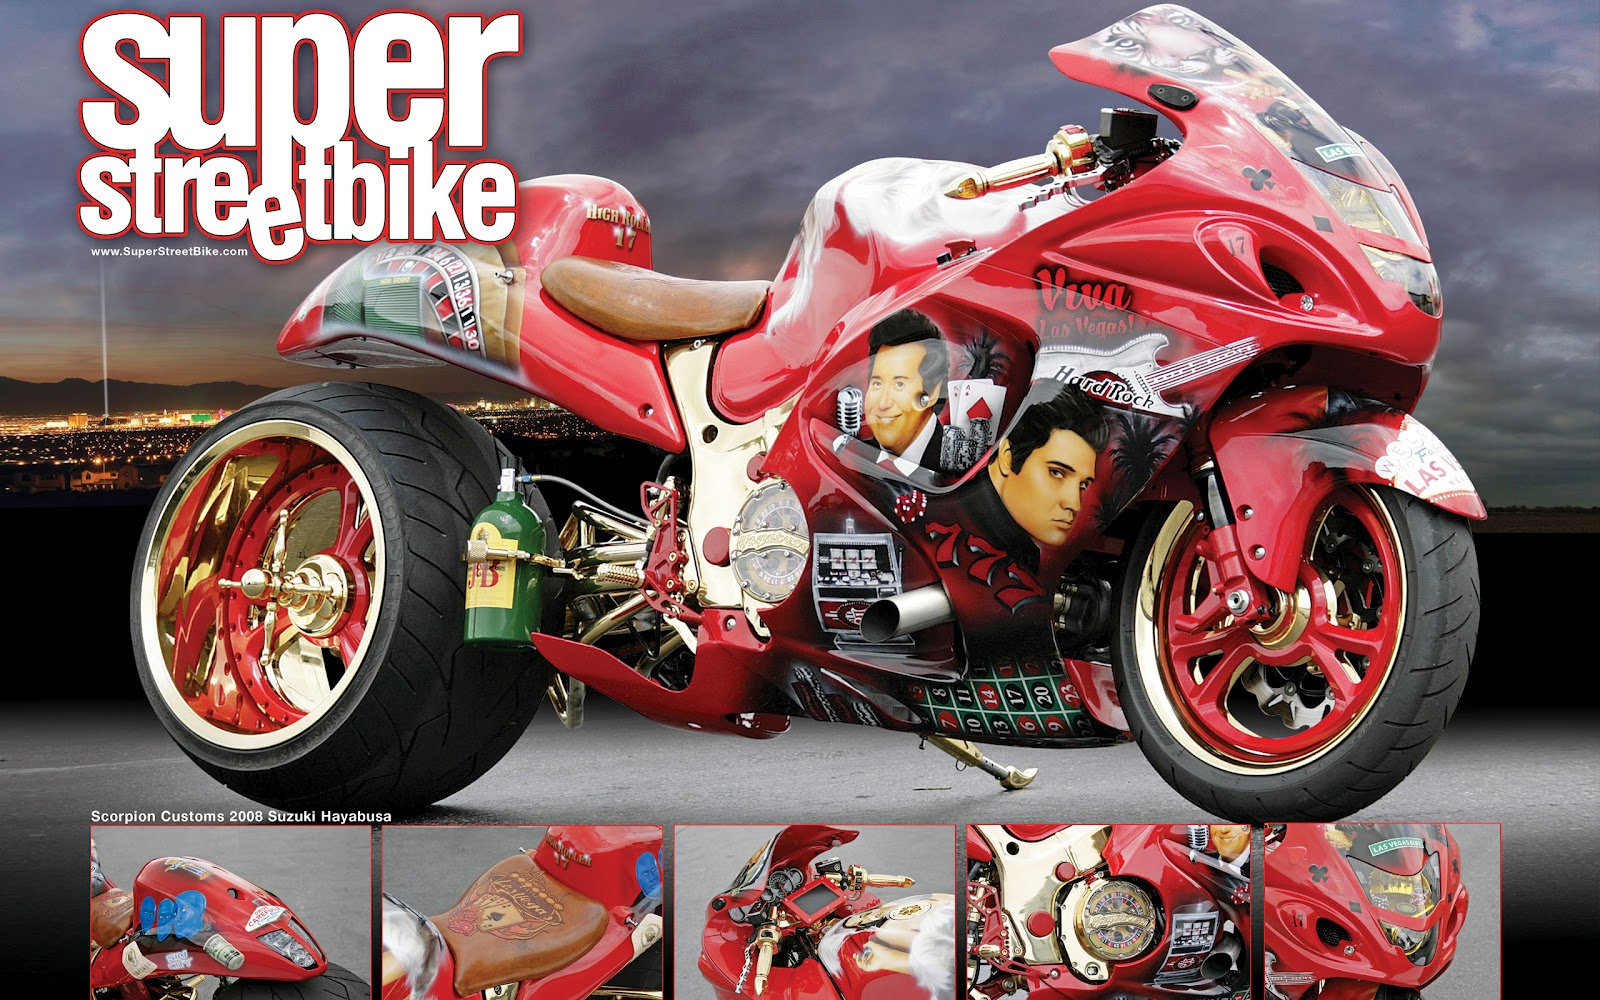 A2Z Wallpapers: Suzuki Hayabusa Bikes  A2Z Wallpapers:...